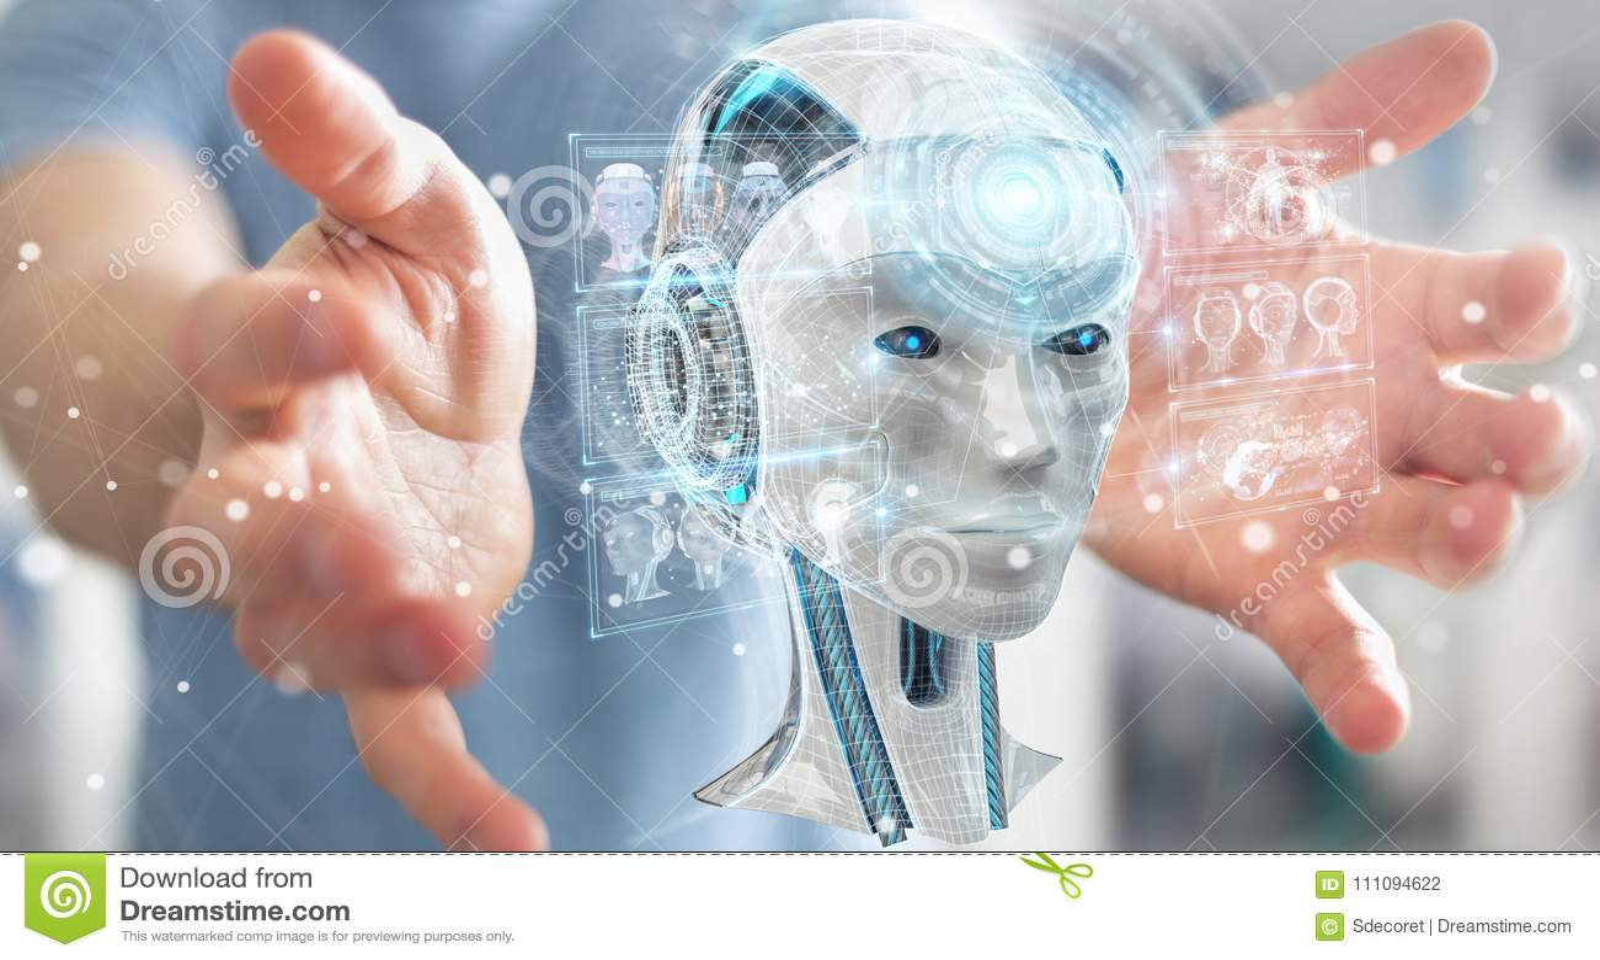 Бизнесмен используя цифровой интерфейс 3D r искусственного интеллекта